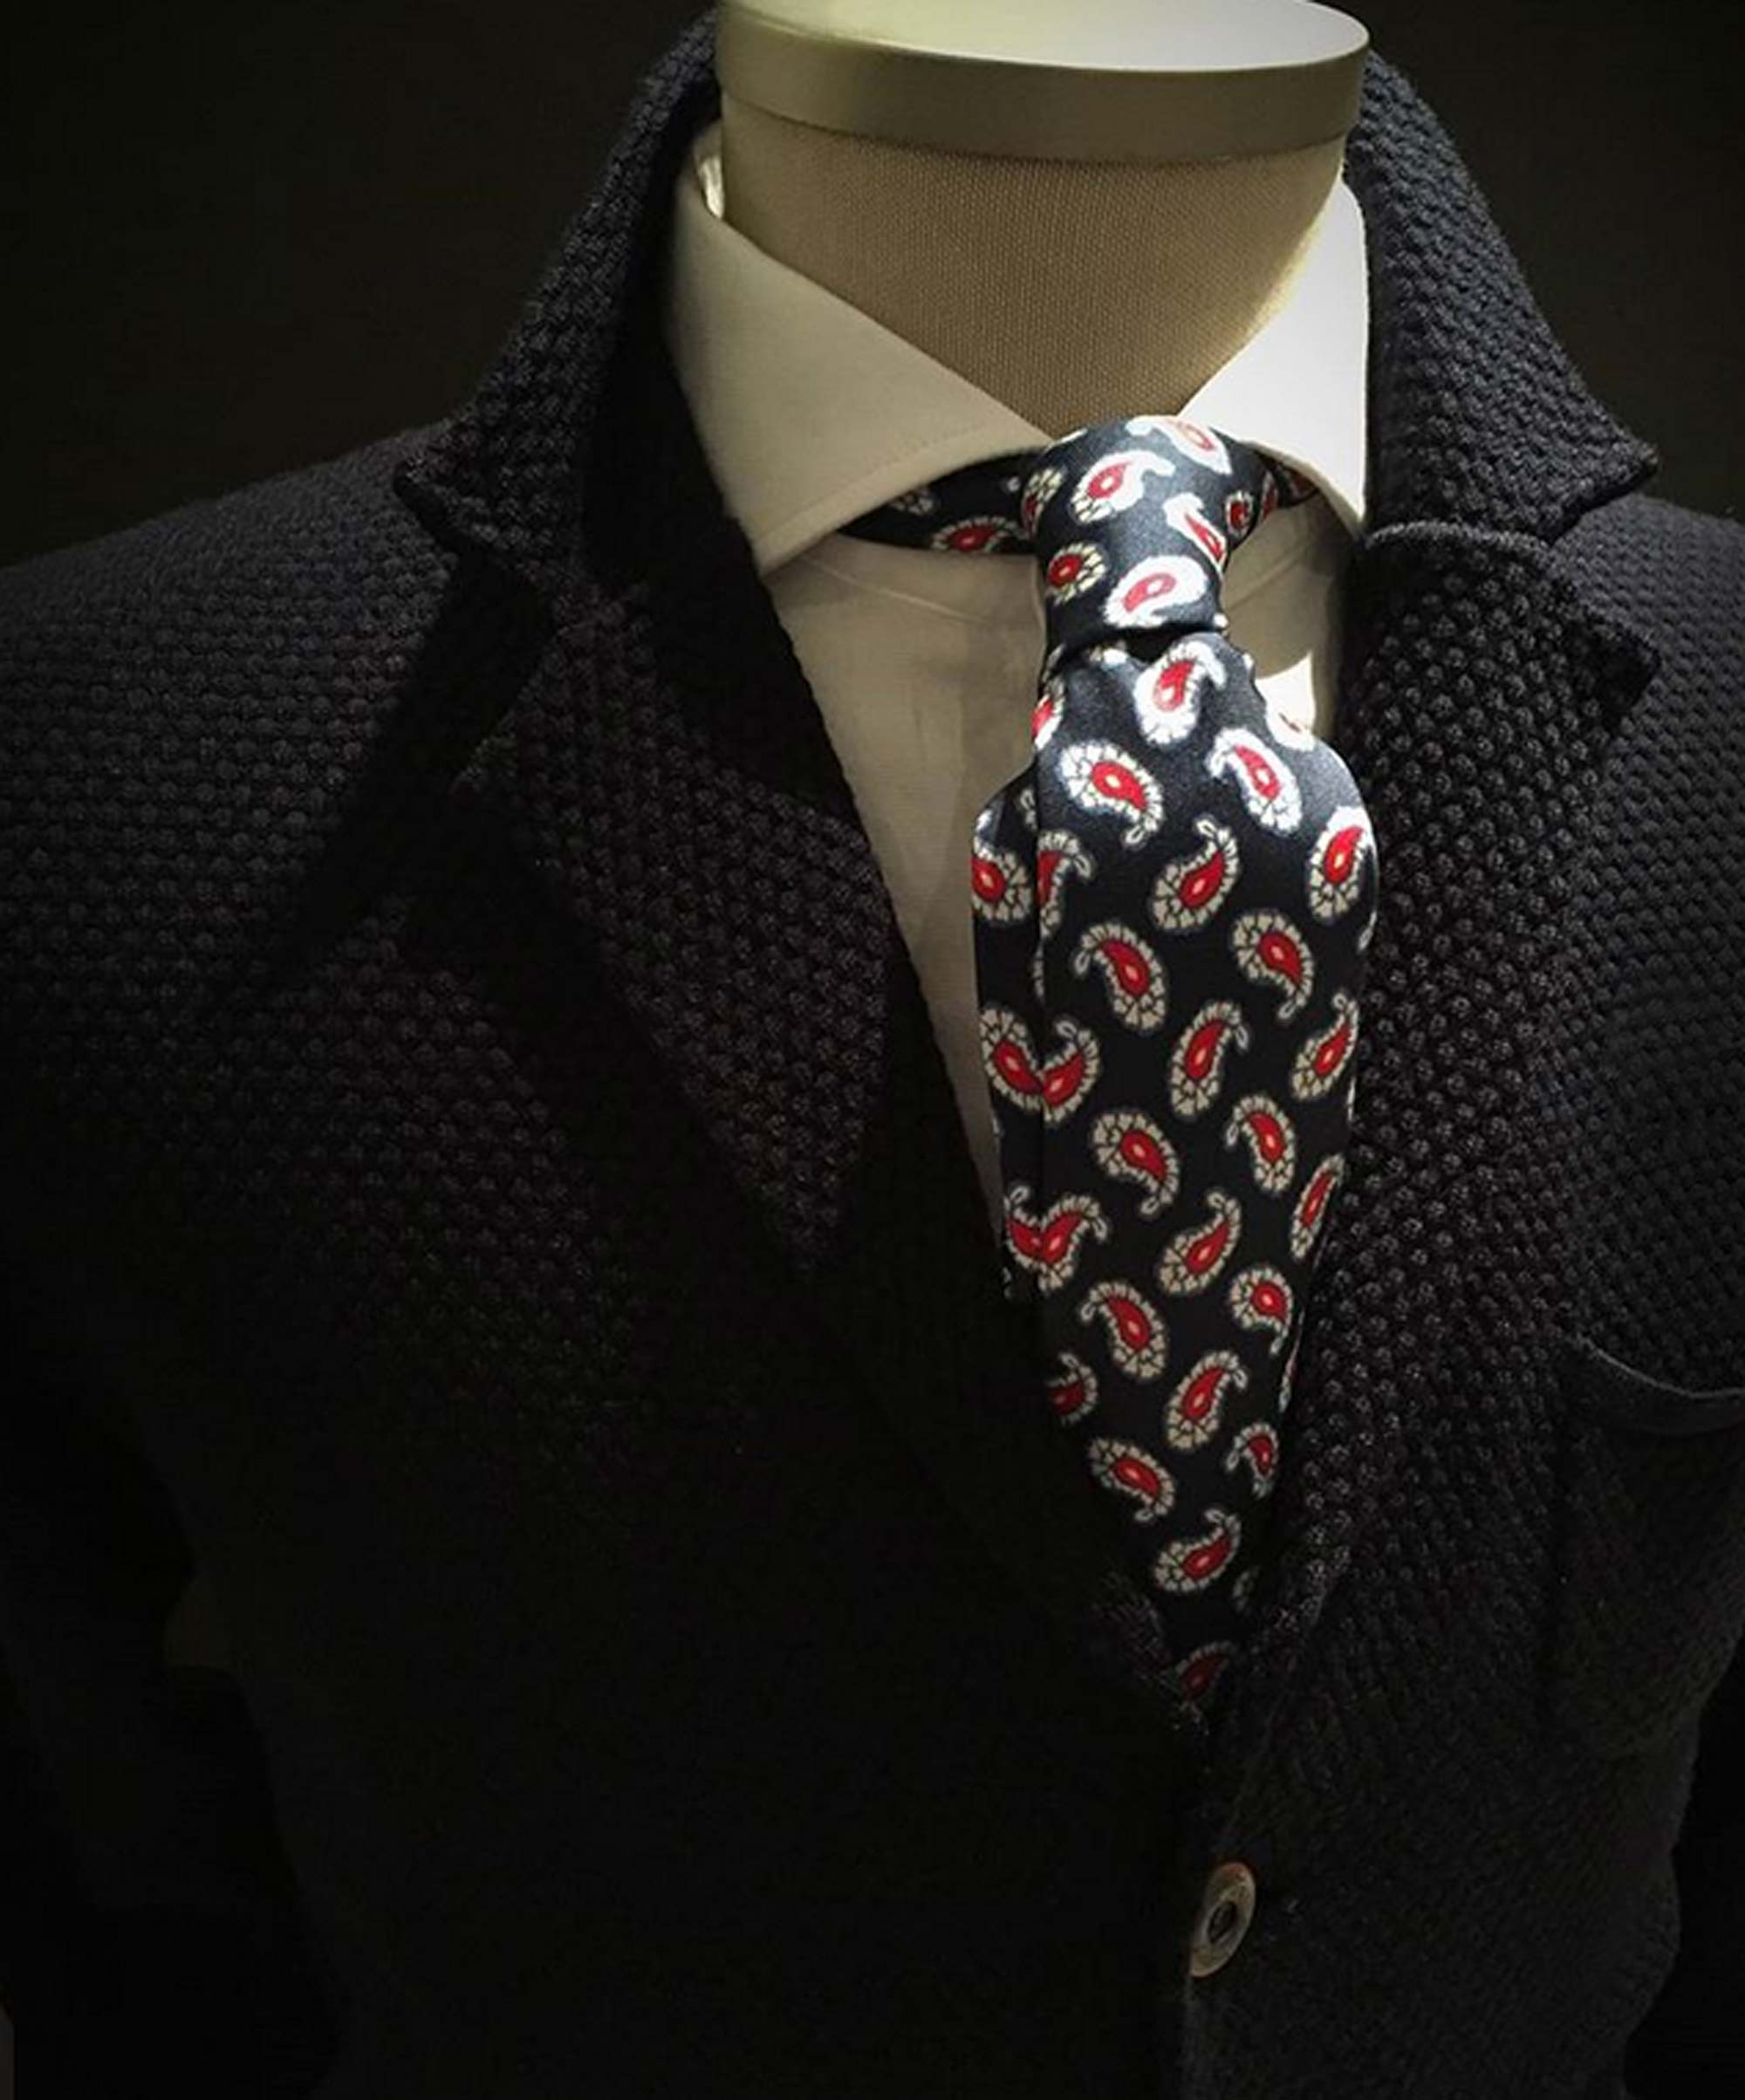 camisas corbatas jerseis pashminas pochettes zapatos exclusivos buona fortuna comprar online moda italiana y made in spain